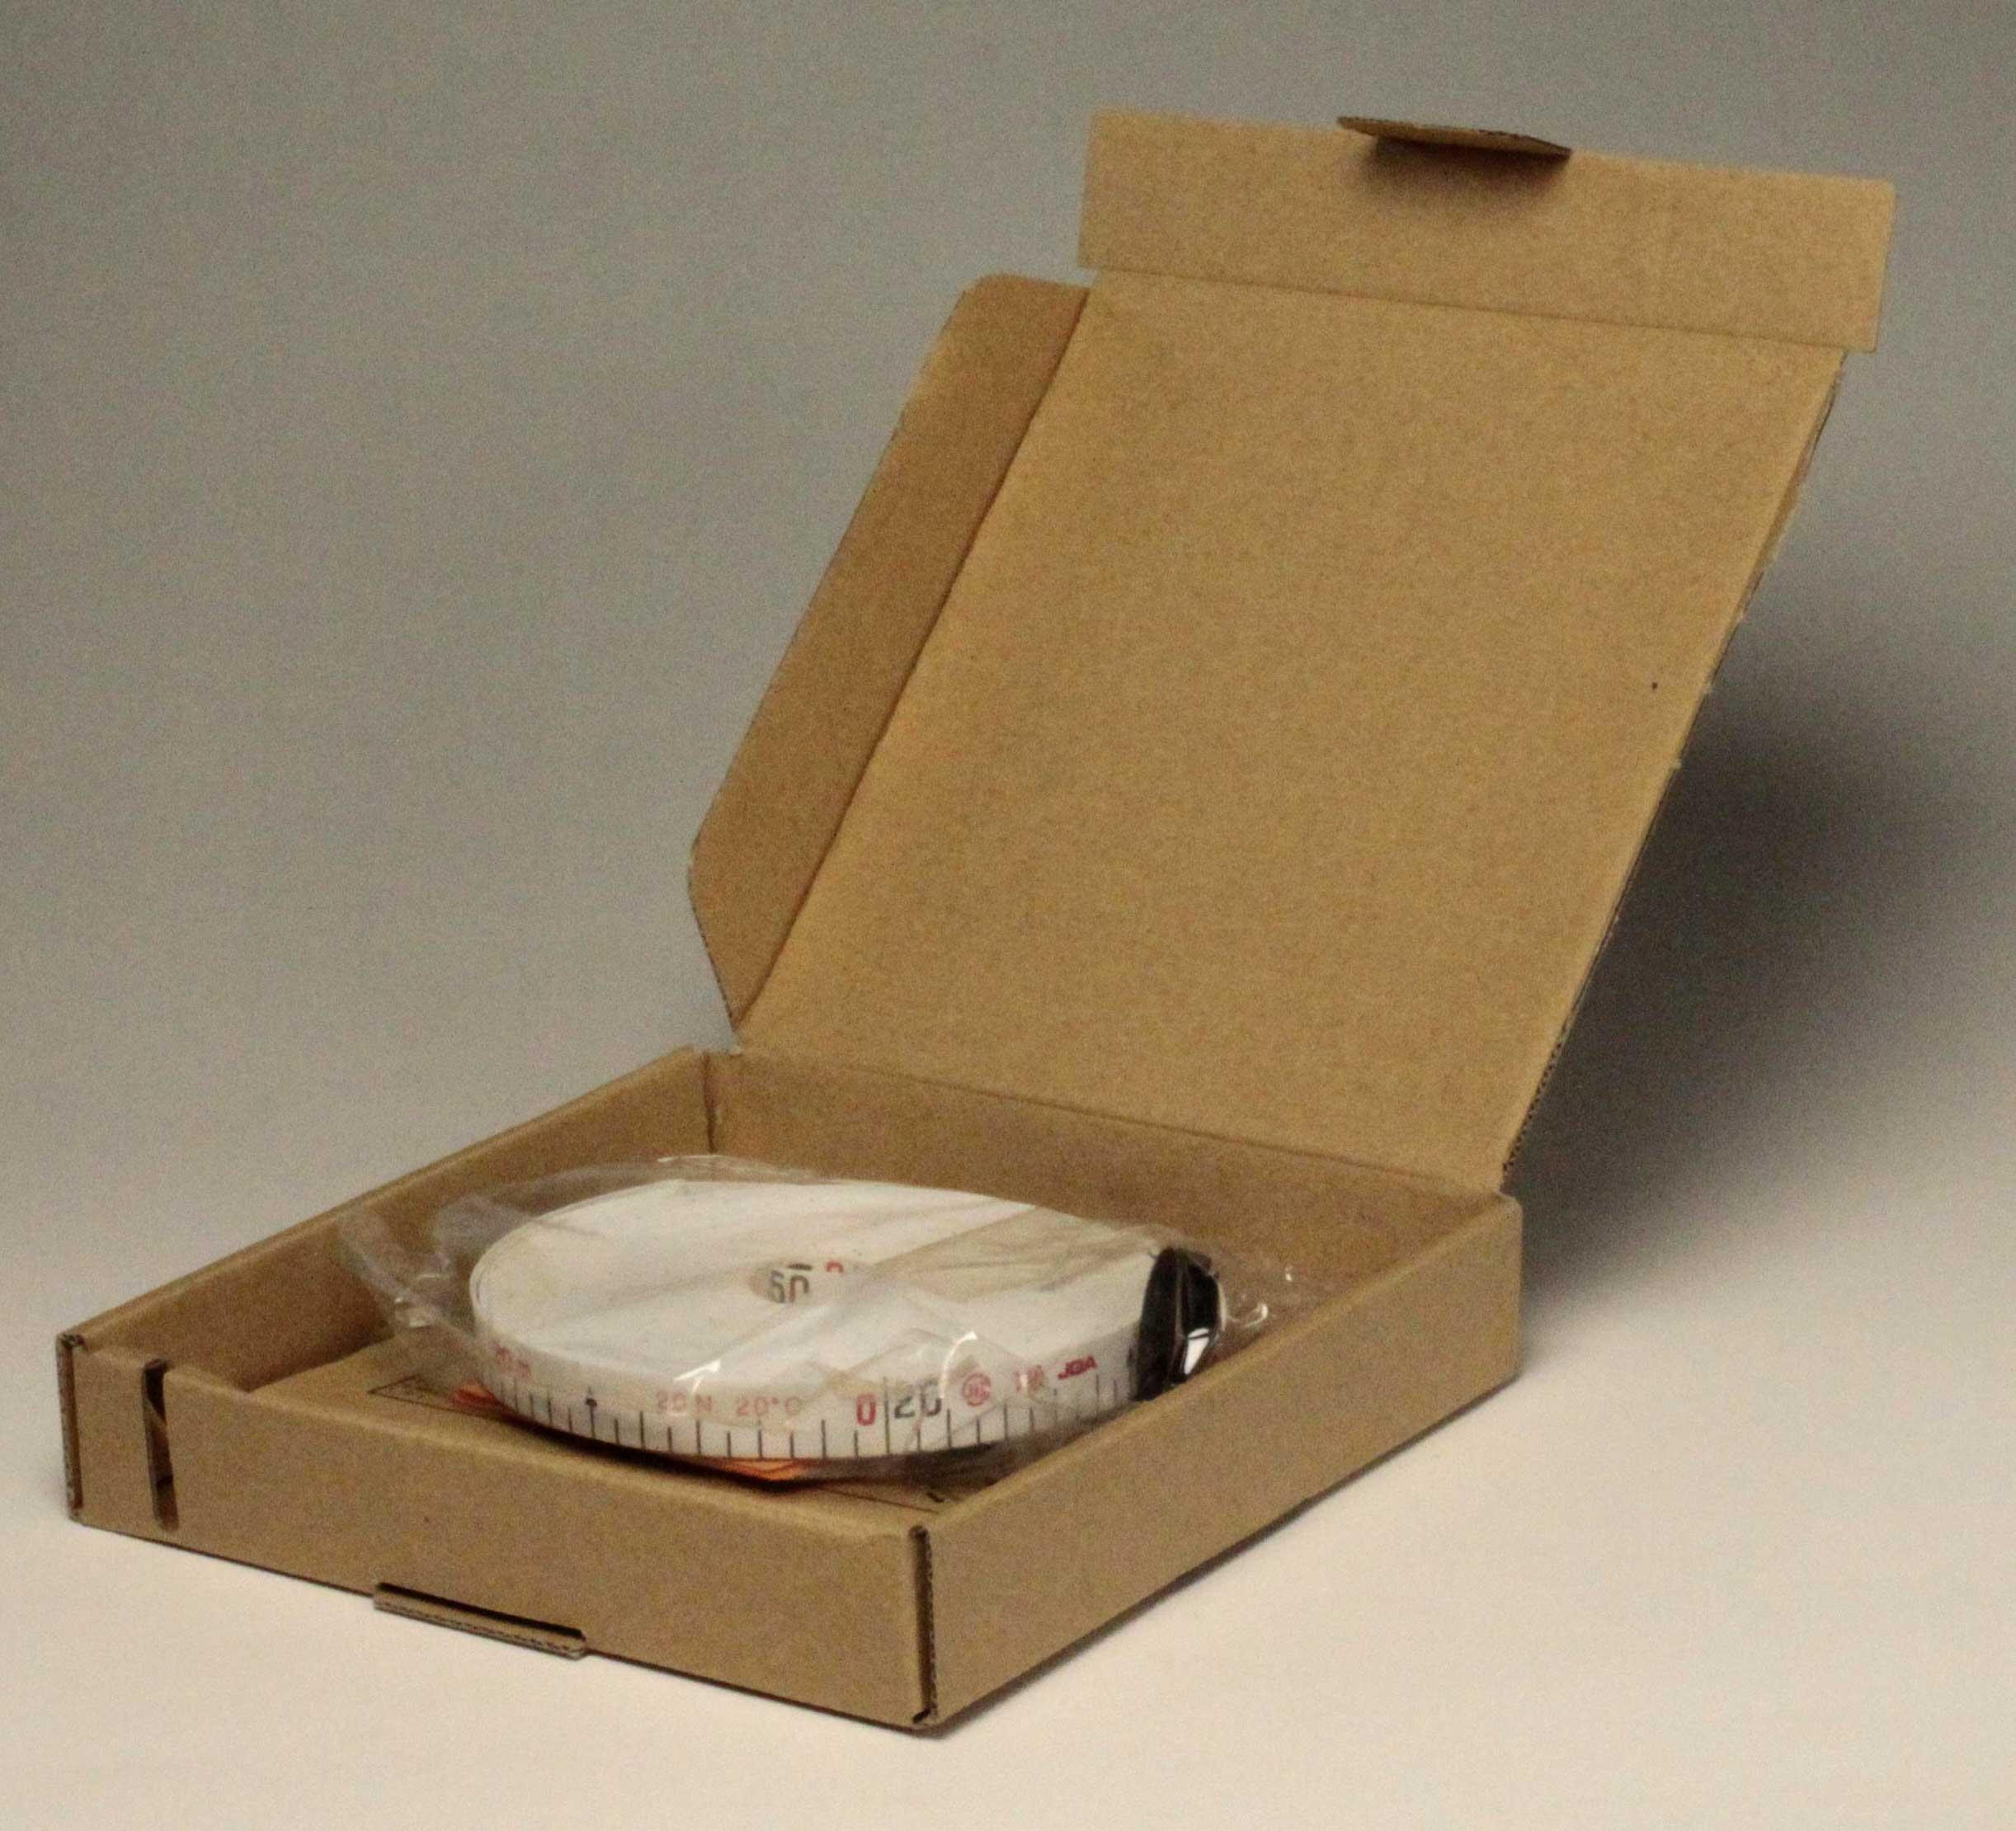 ミリオンカスタム交換用テープ20m